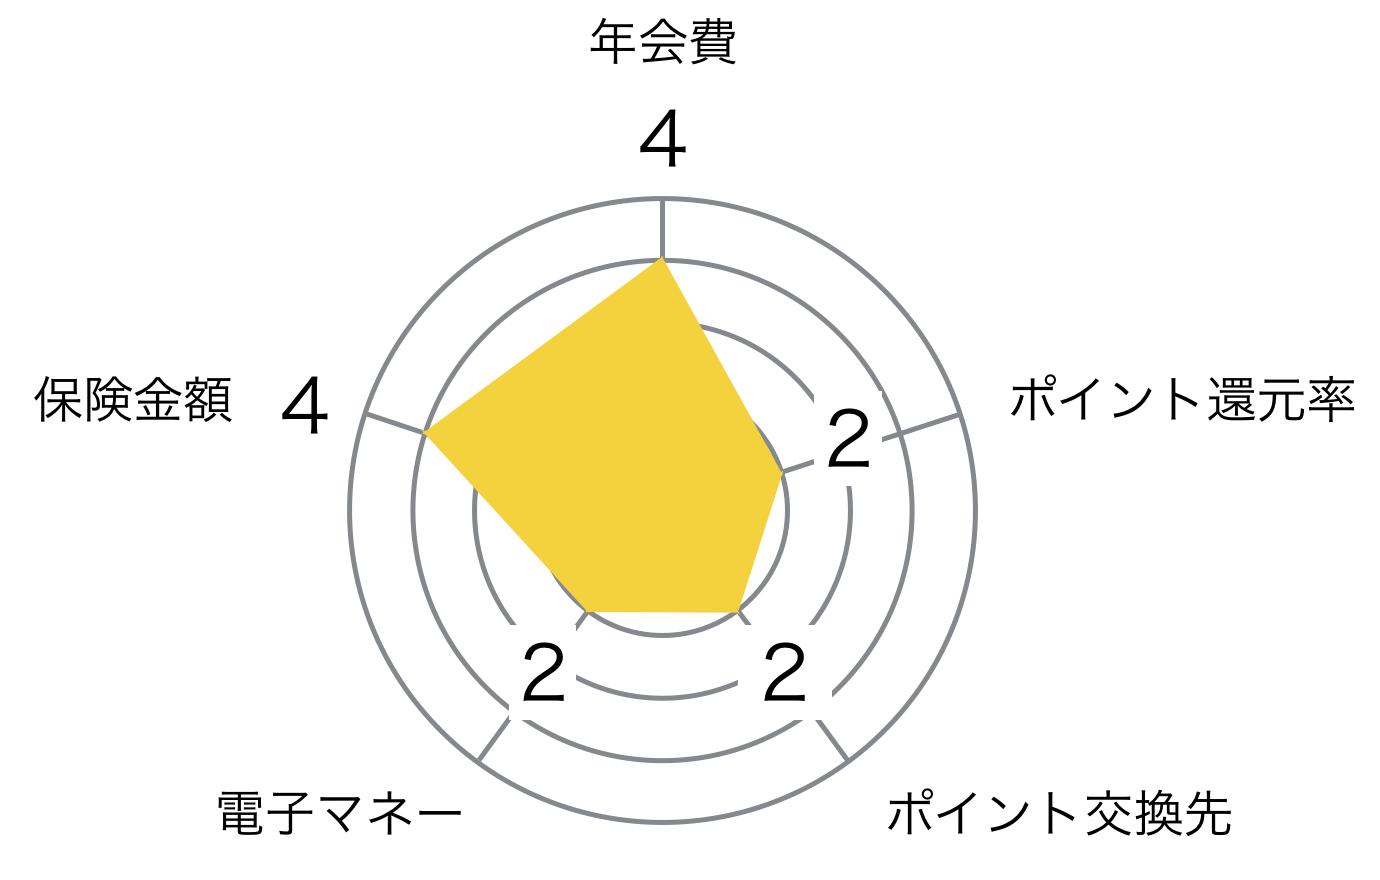 ジャックスカードゴールドの評価レーダーチャート